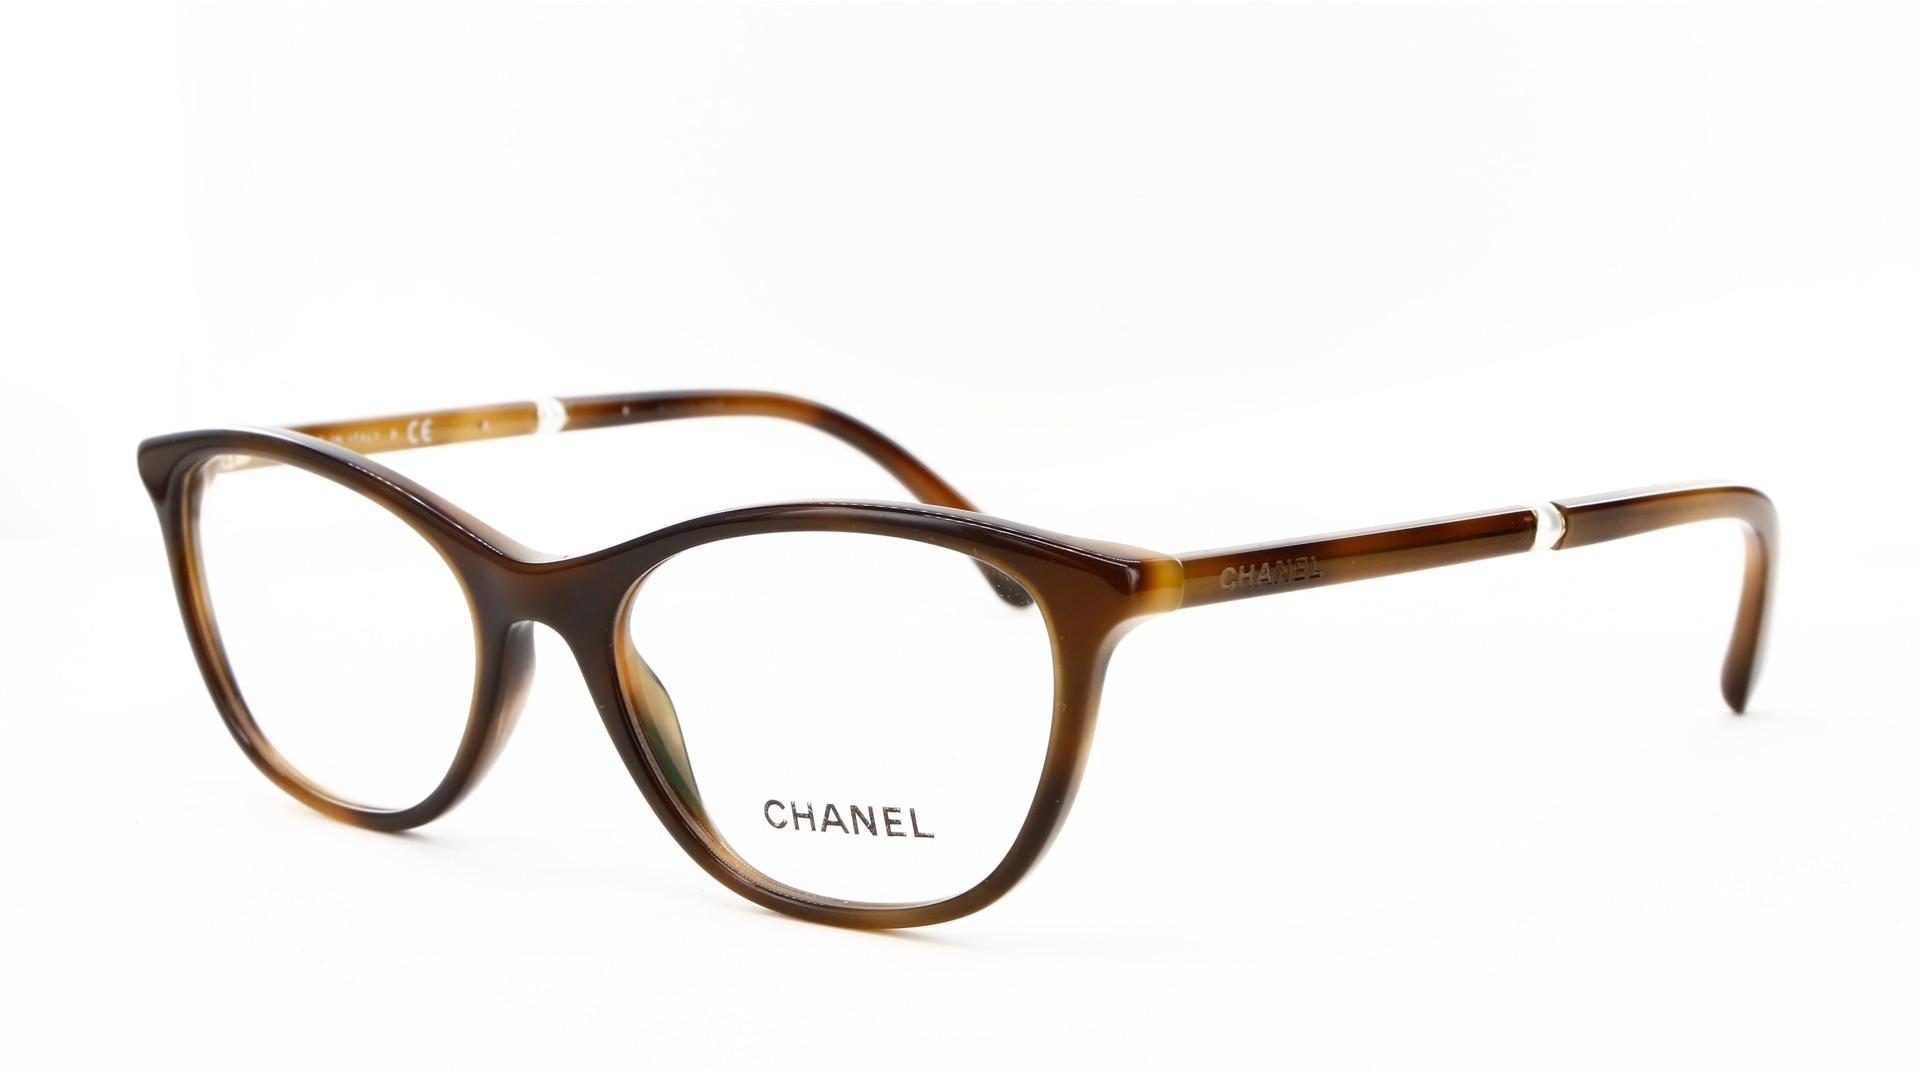 Chanel - ref: 79706